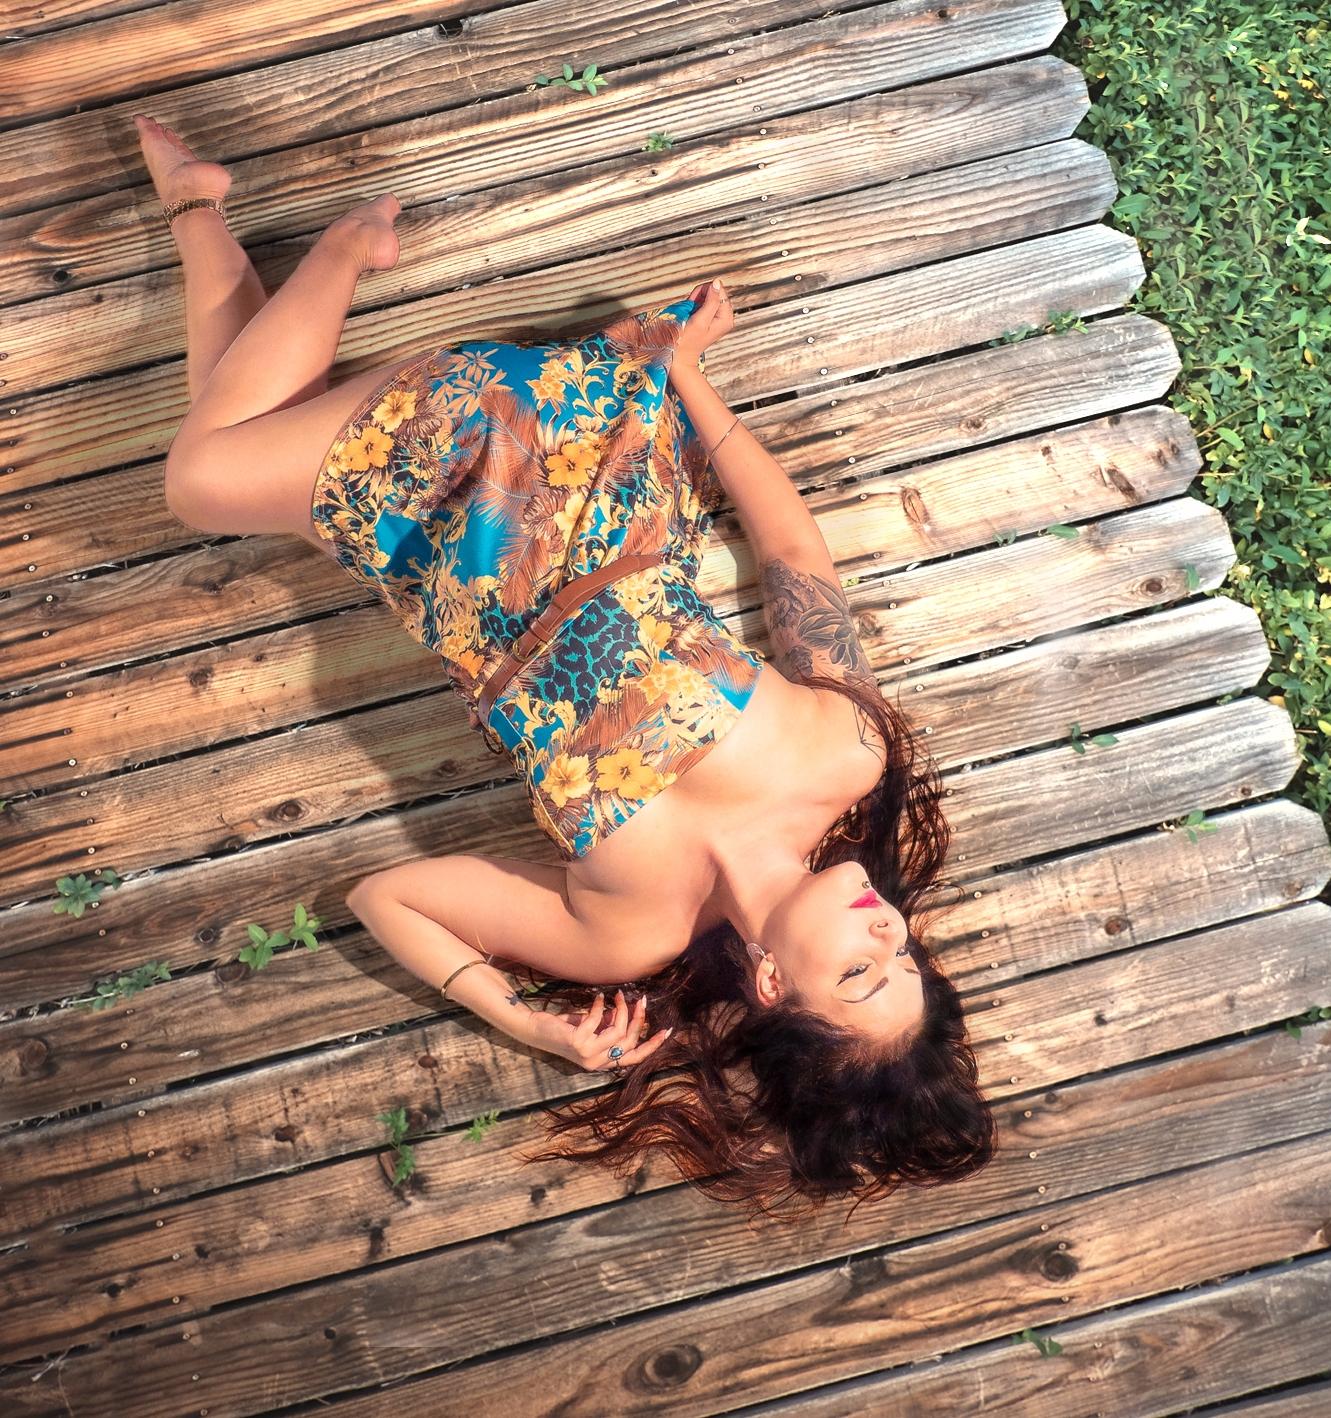 Summer Photographer: Henry Söde - henrysoderlund | ello